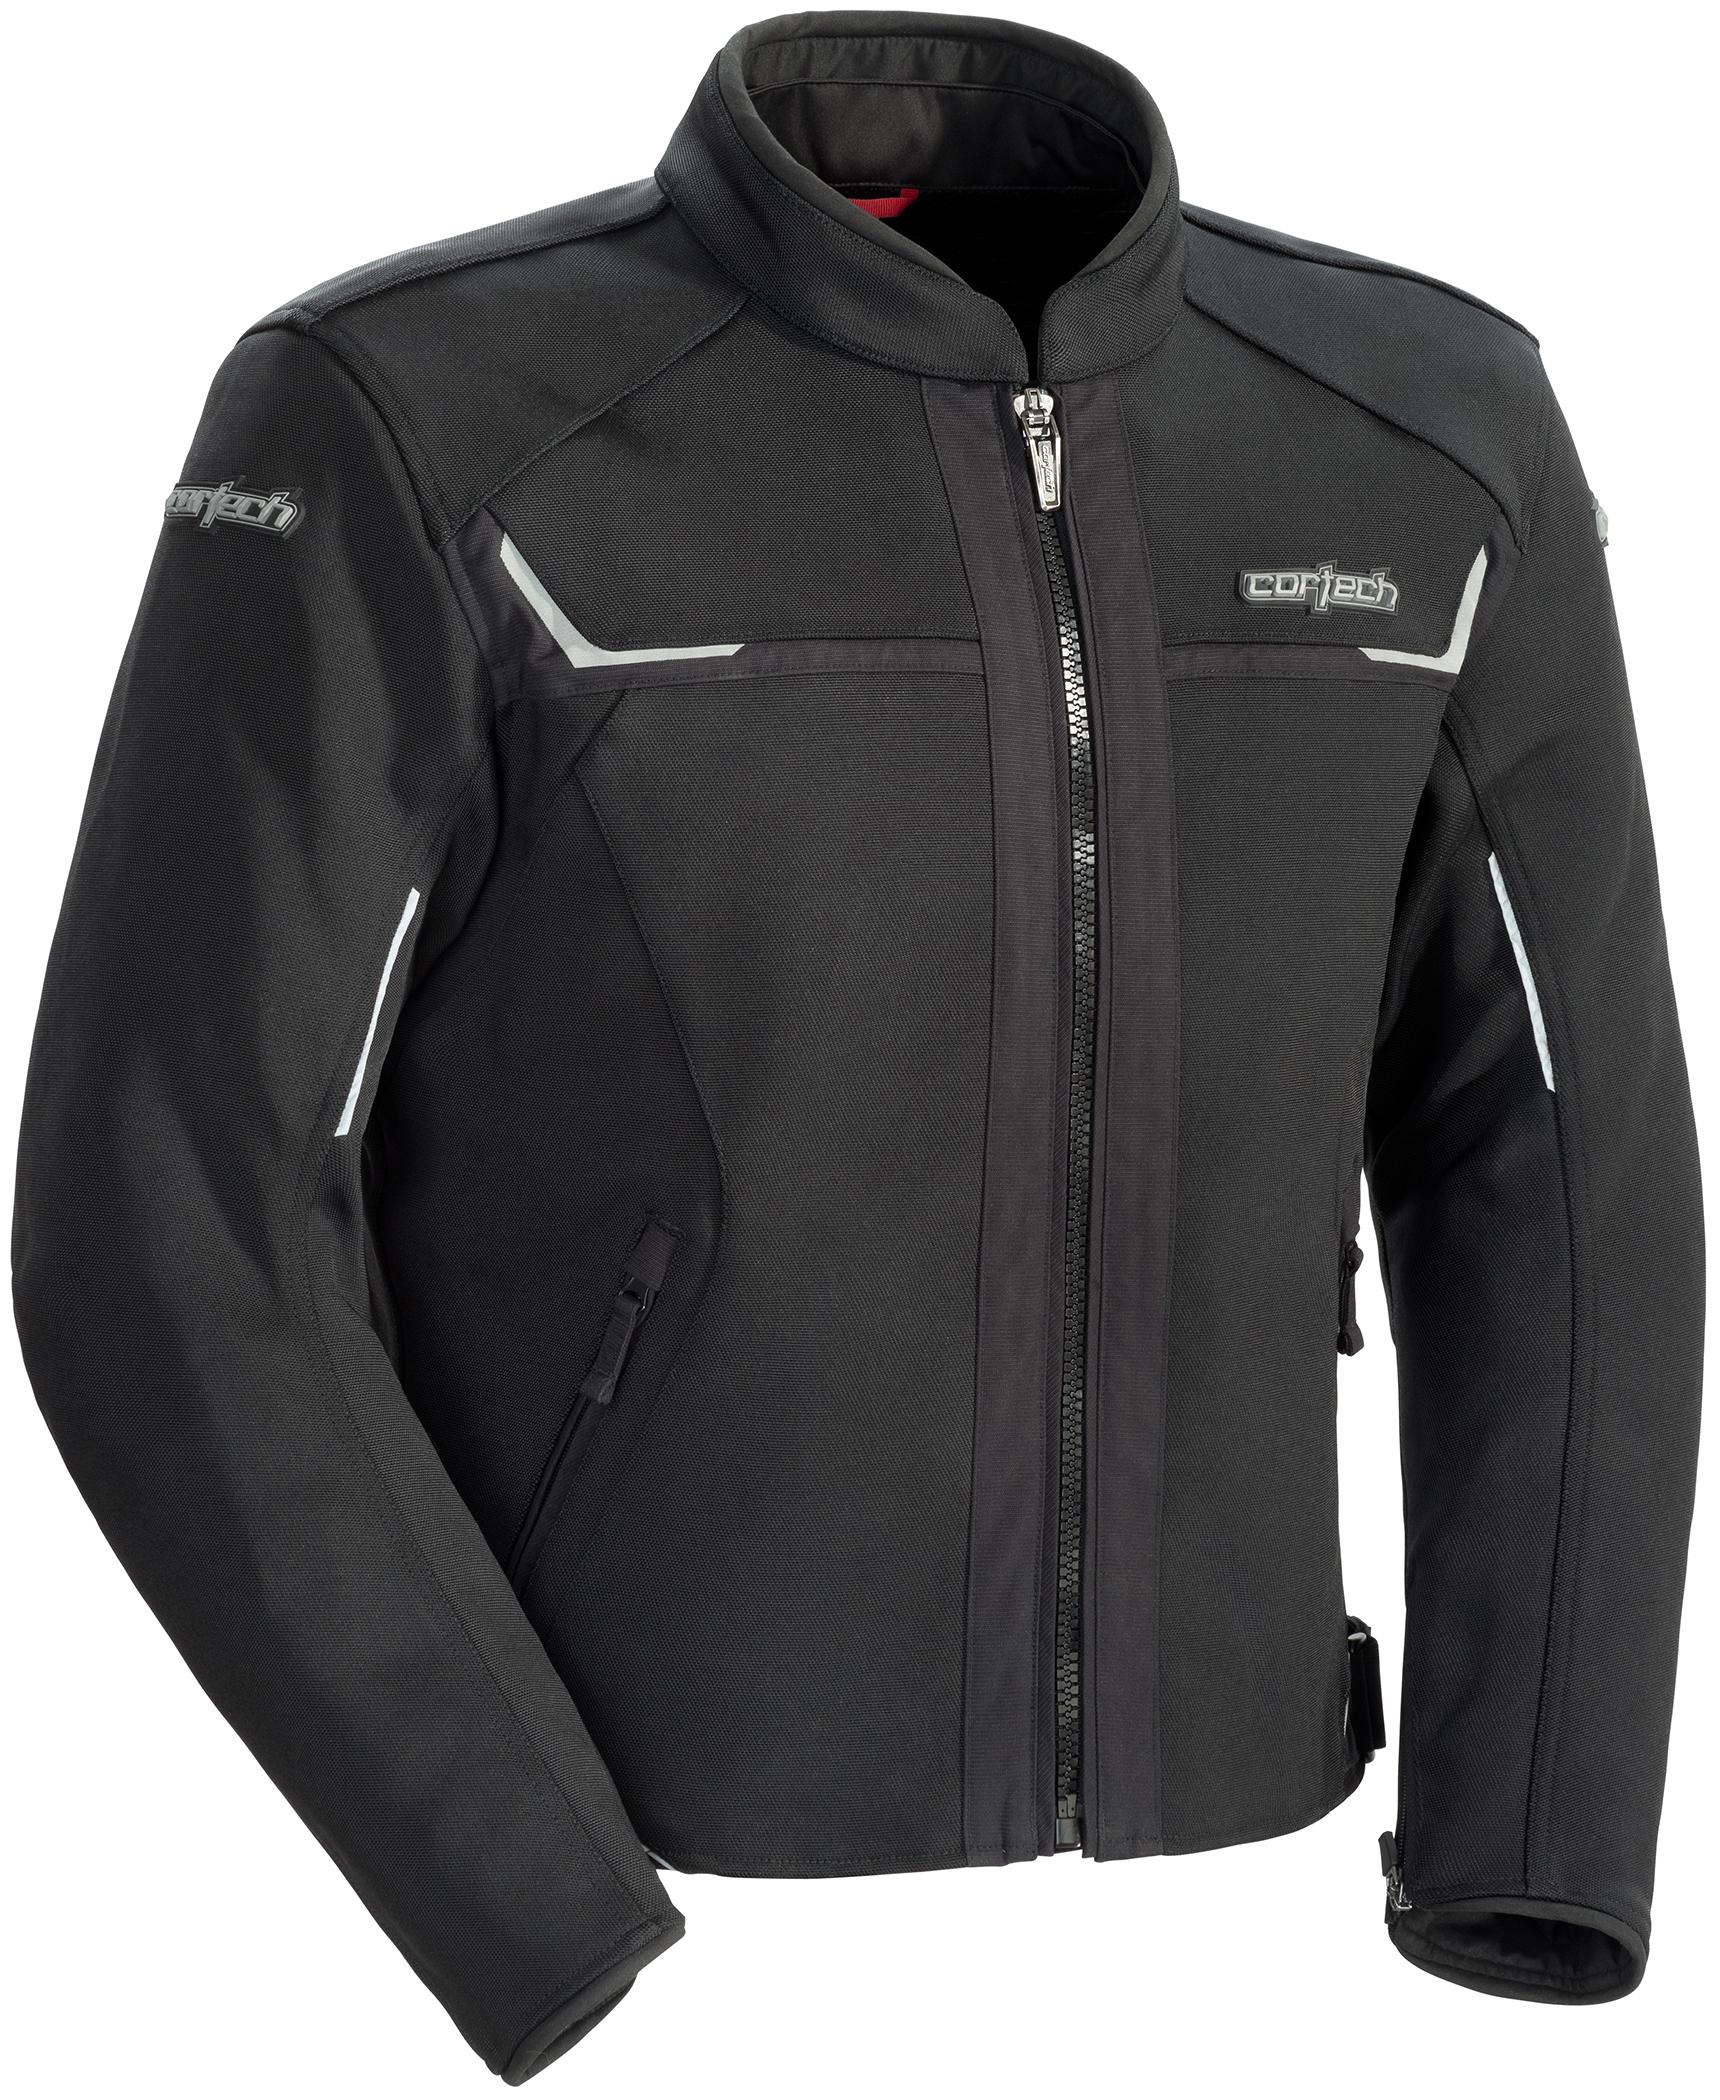 Fusion Jacket